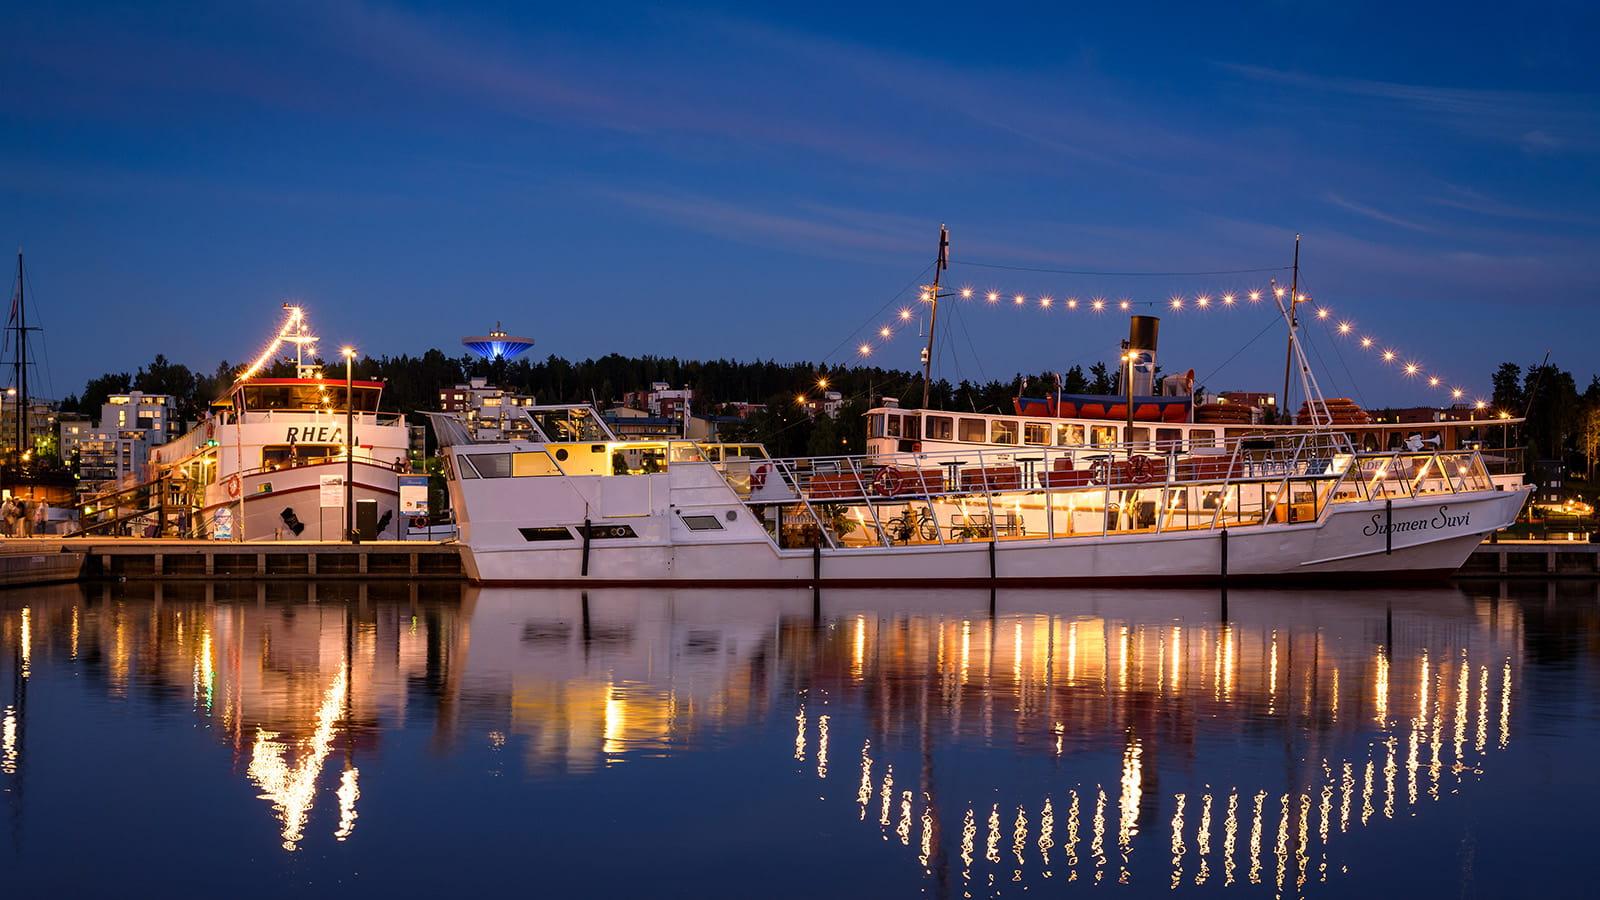 Laivoja Lutakon satamassa Jyväskylässä iltavalaistuksessaan.